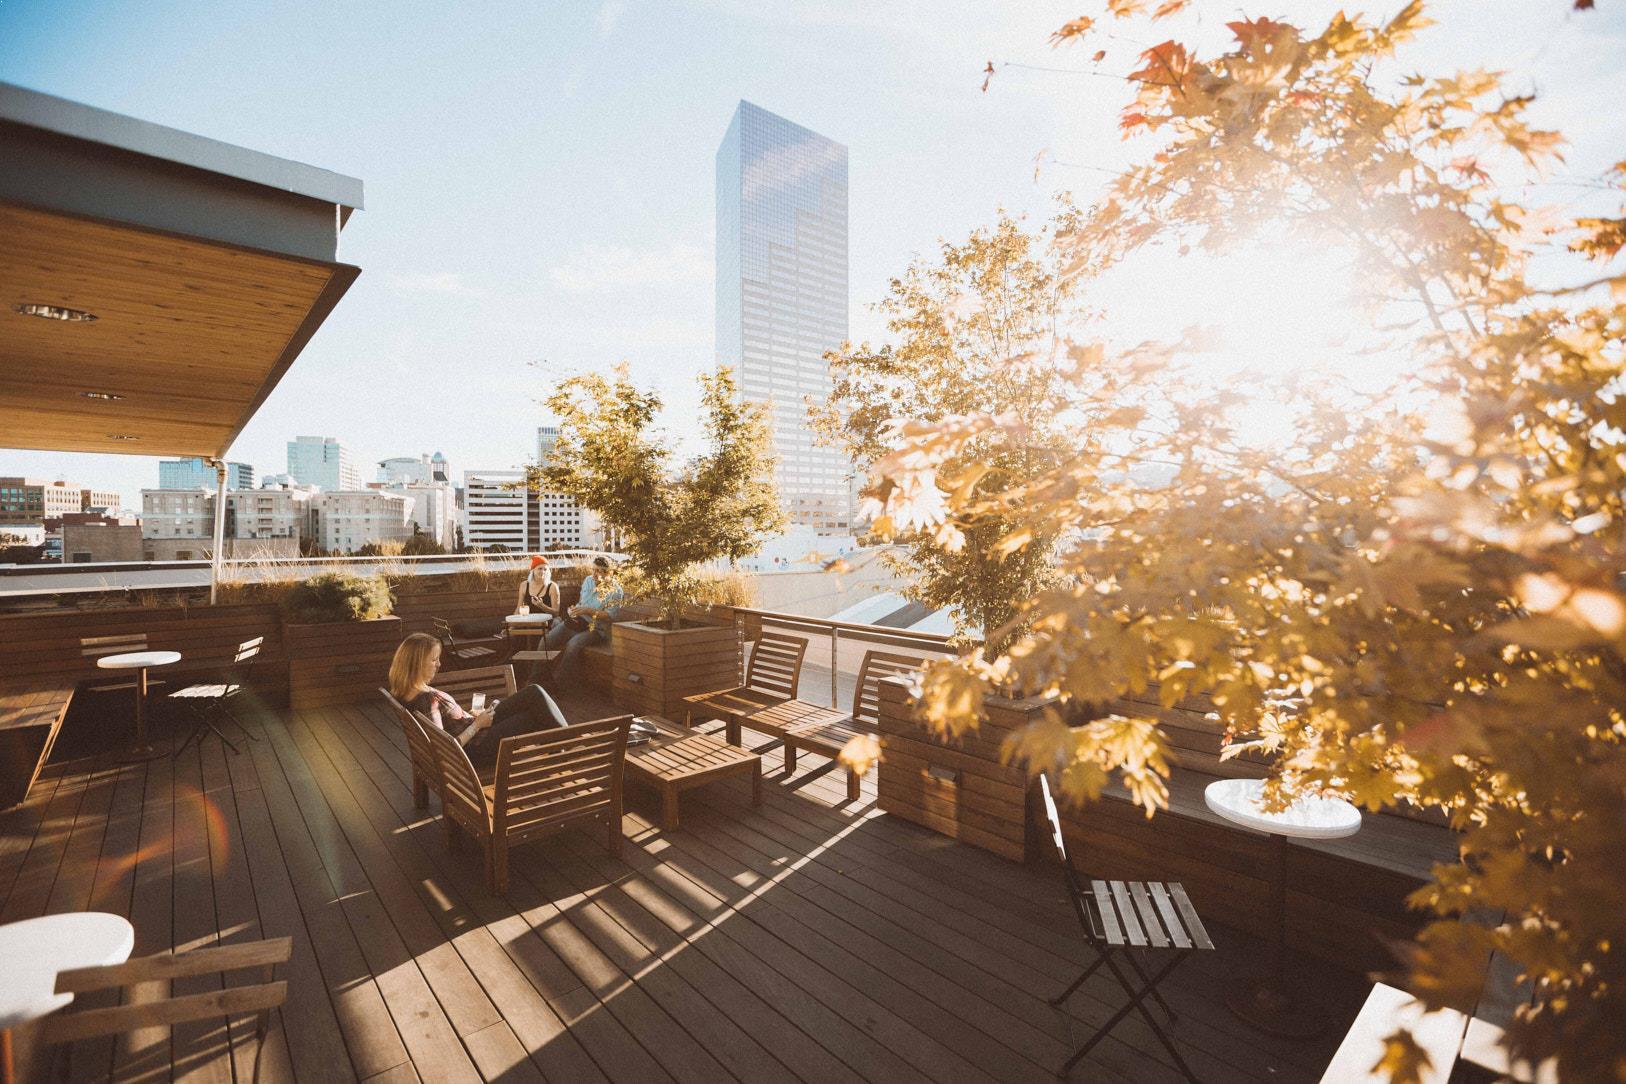 The Society Hotel - Rooftop Balcony